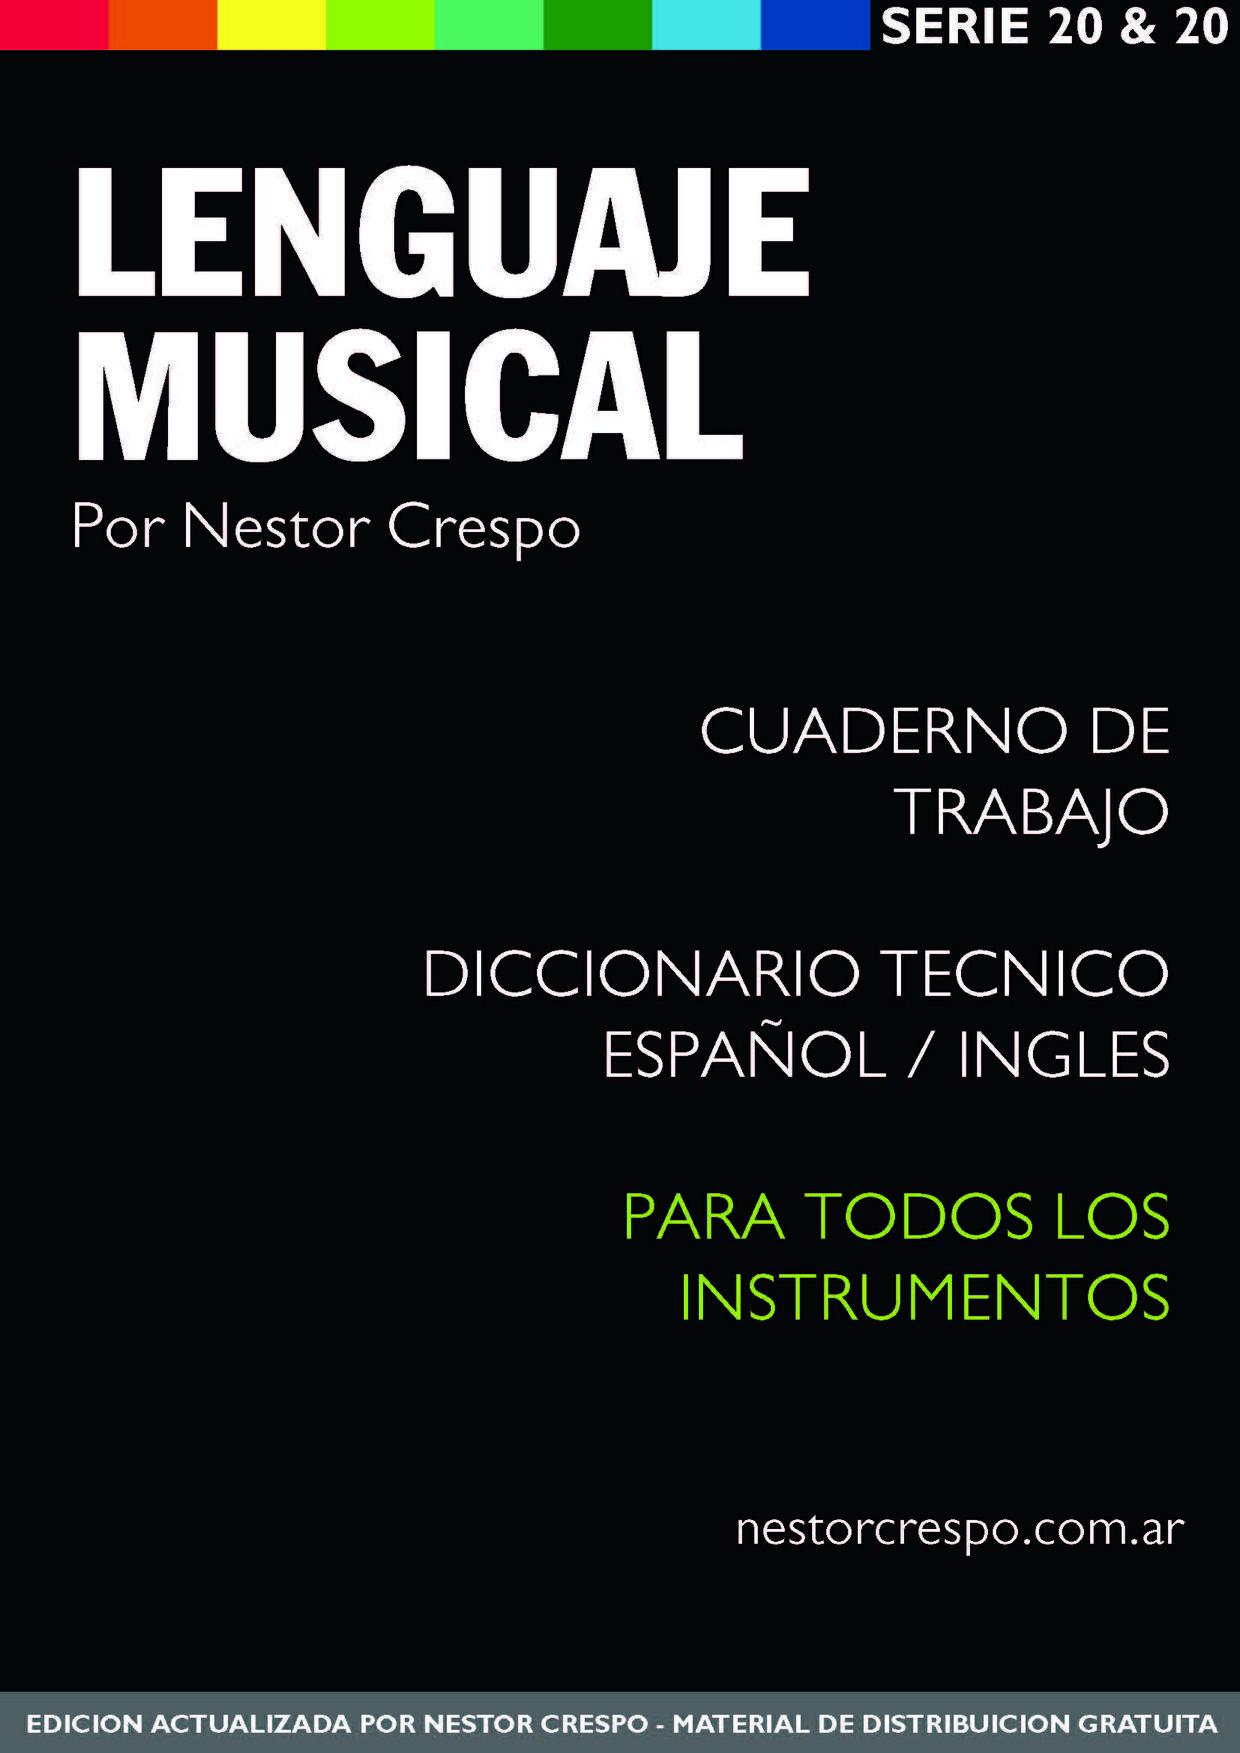 TEORÍA / GRATIS - DONACION -  Libro de Lenguaje Musical